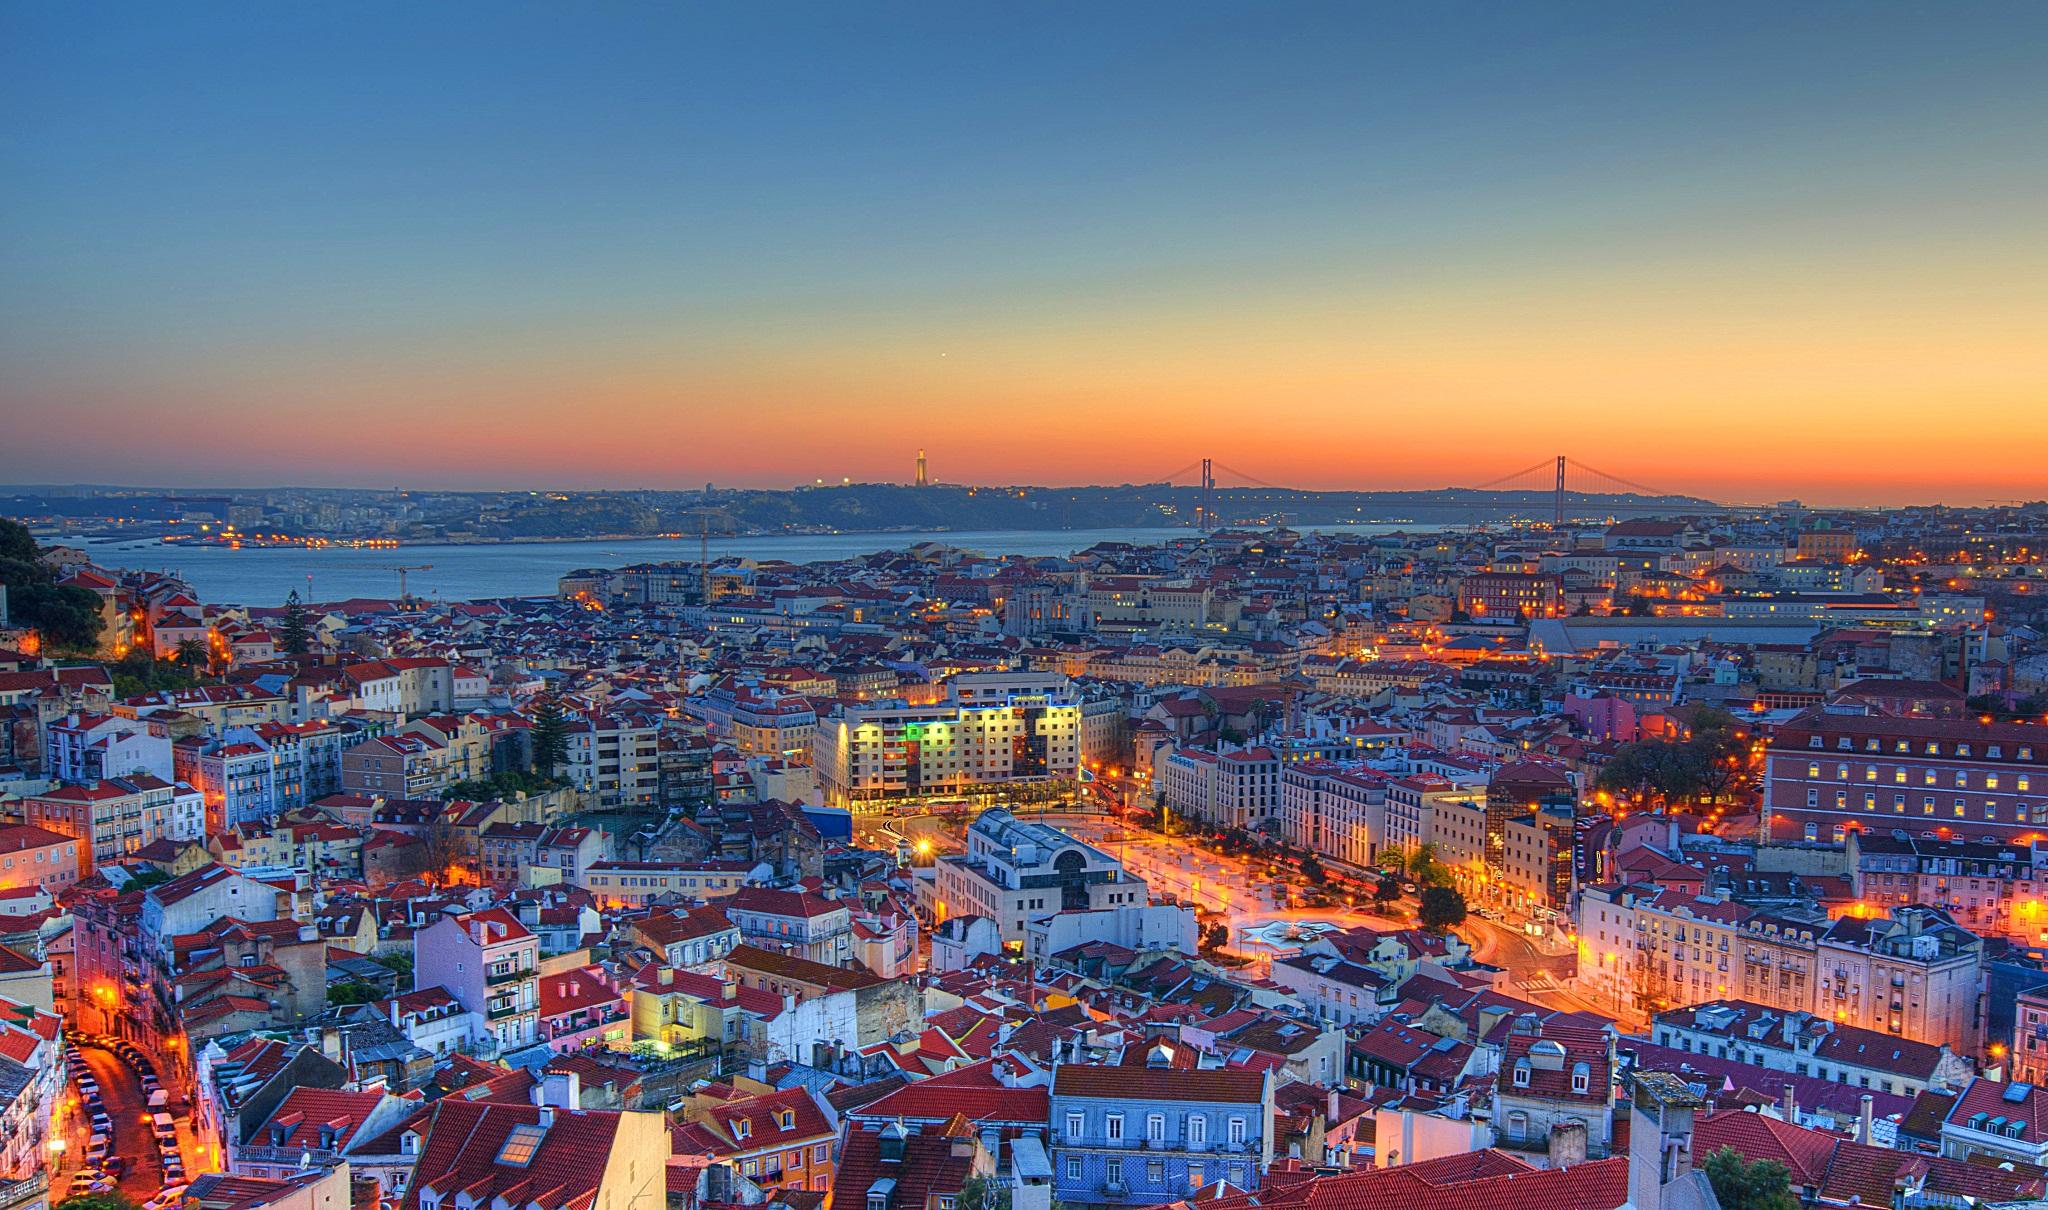 lisbon-city-evening-wallpapers_1.jpg